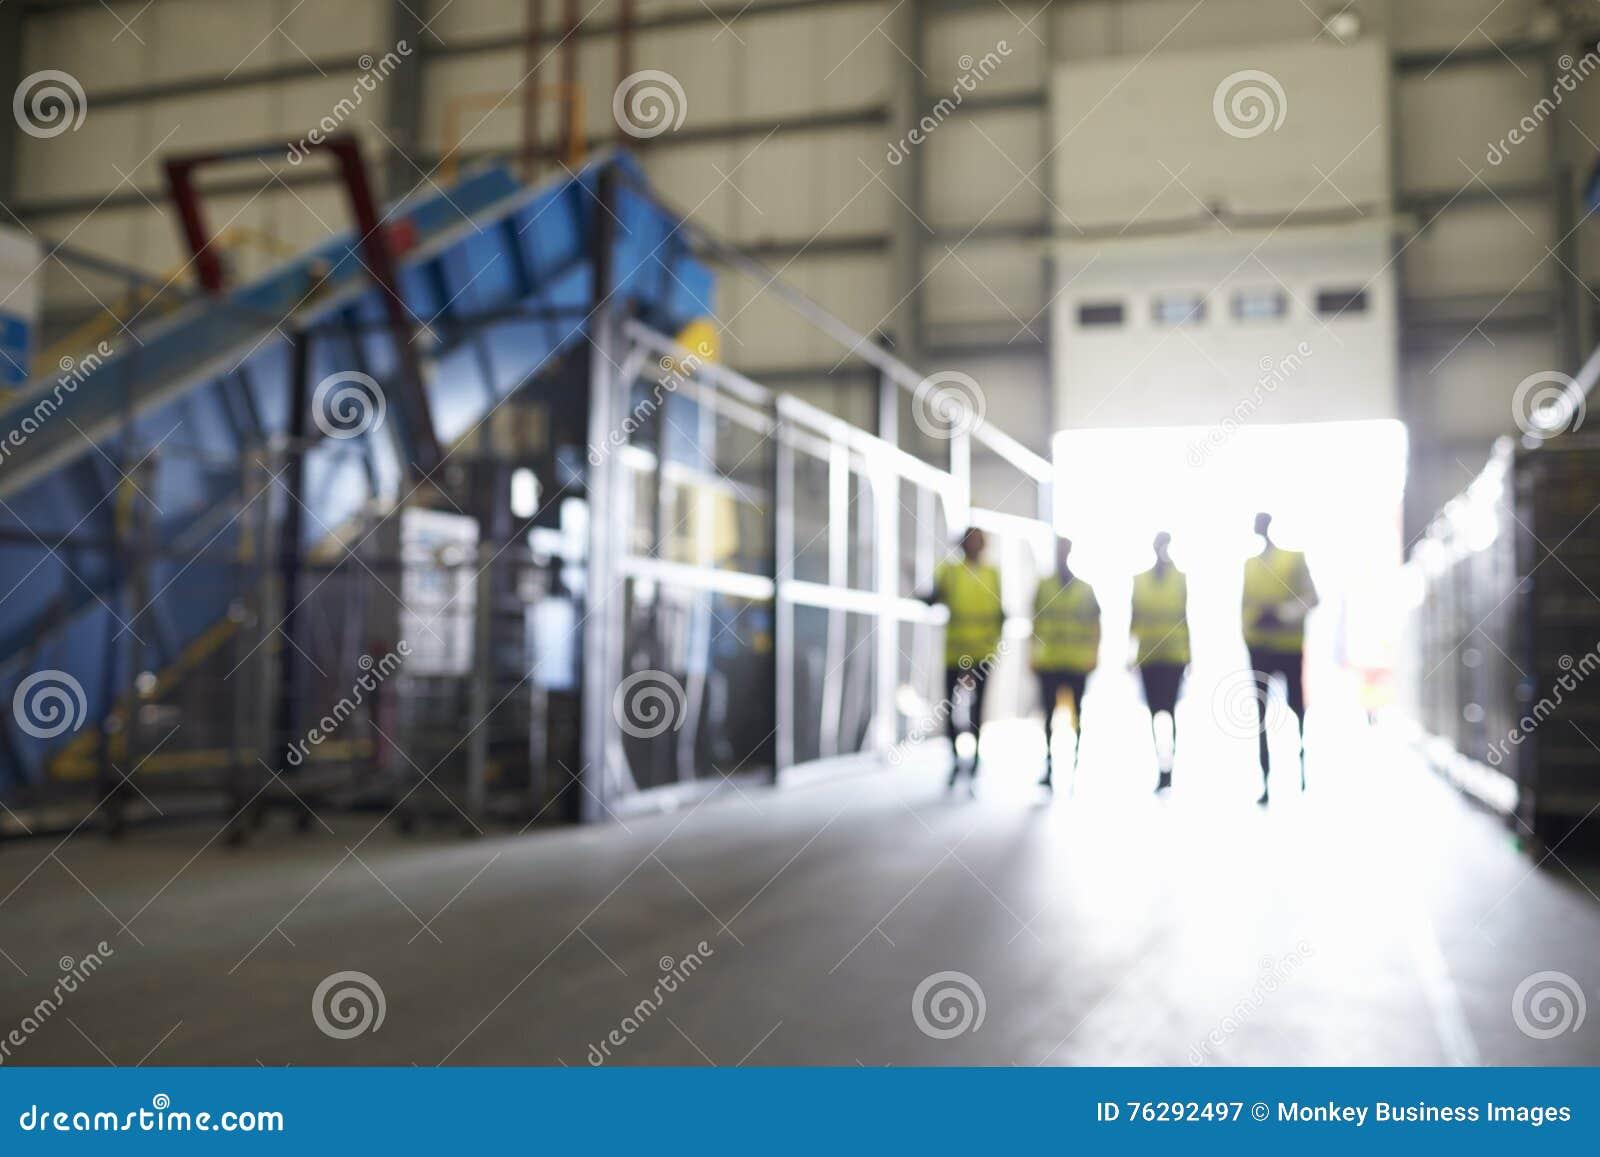 Quatro figuras que andam em um foco interior, macio industrial